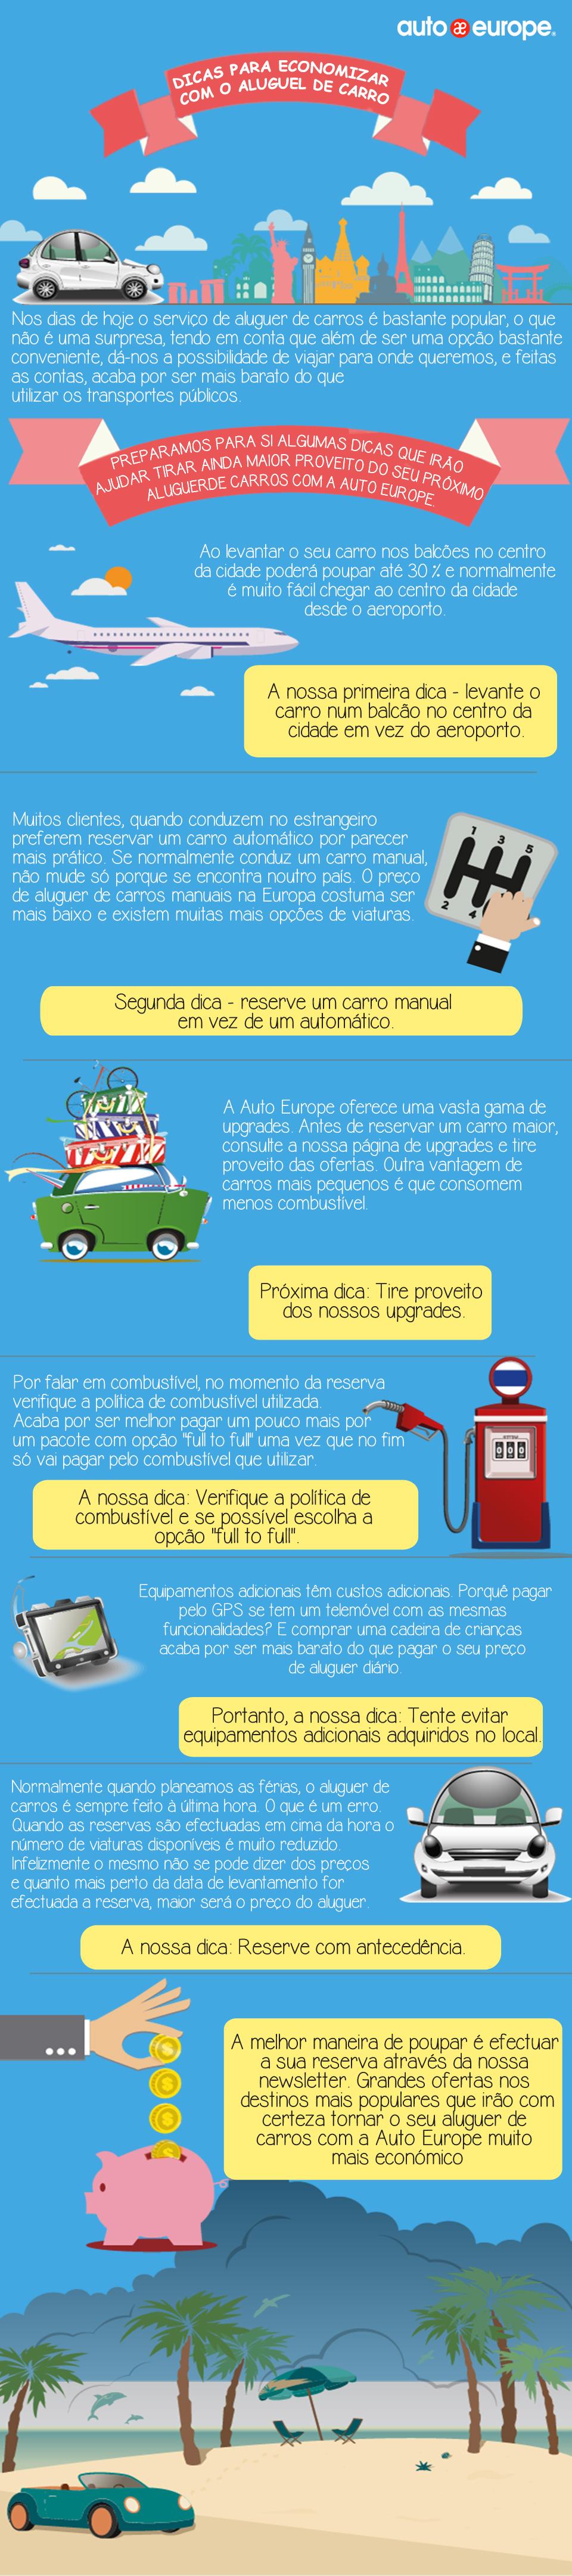 Dicas de aluguel de carros | Auto Europe